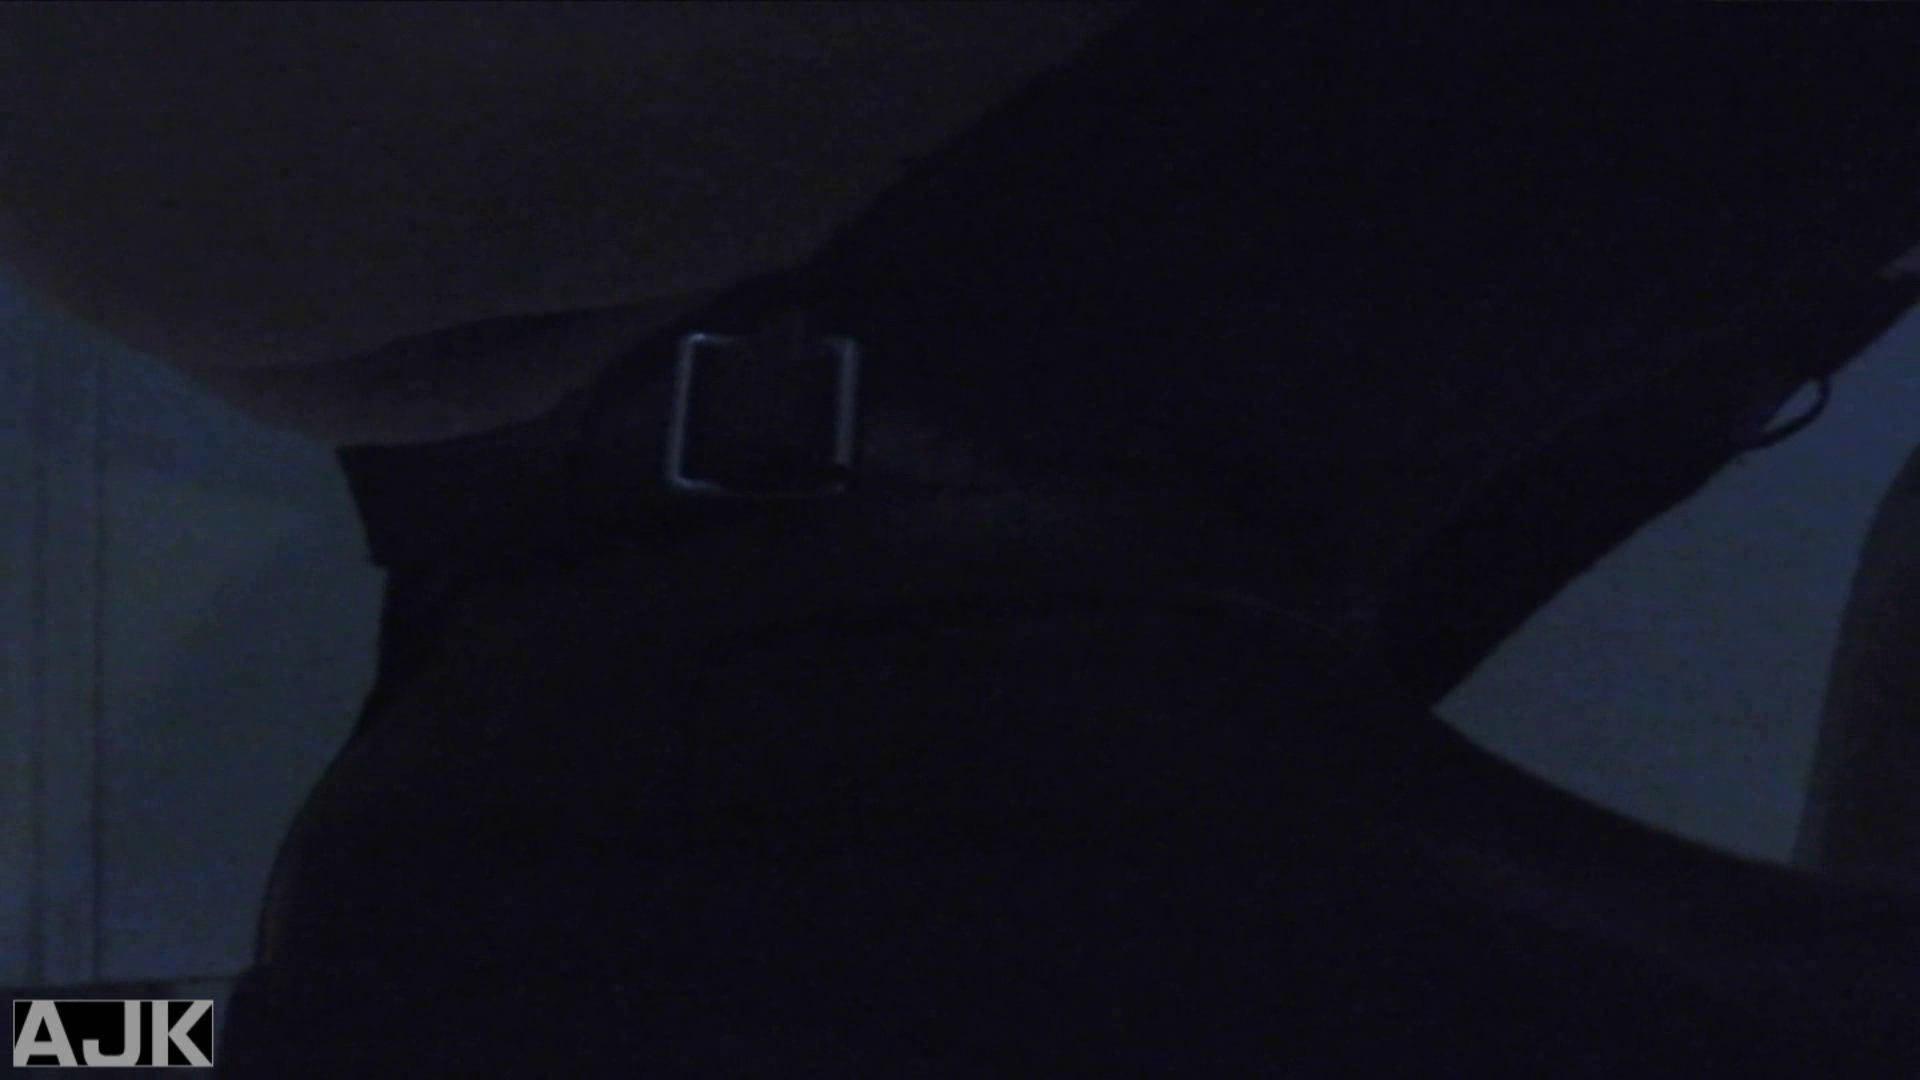 神降臨!史上最強の潜入かわや! vol.05 マンコ・ムレムレ AV動画キャプチャ 69pic 11